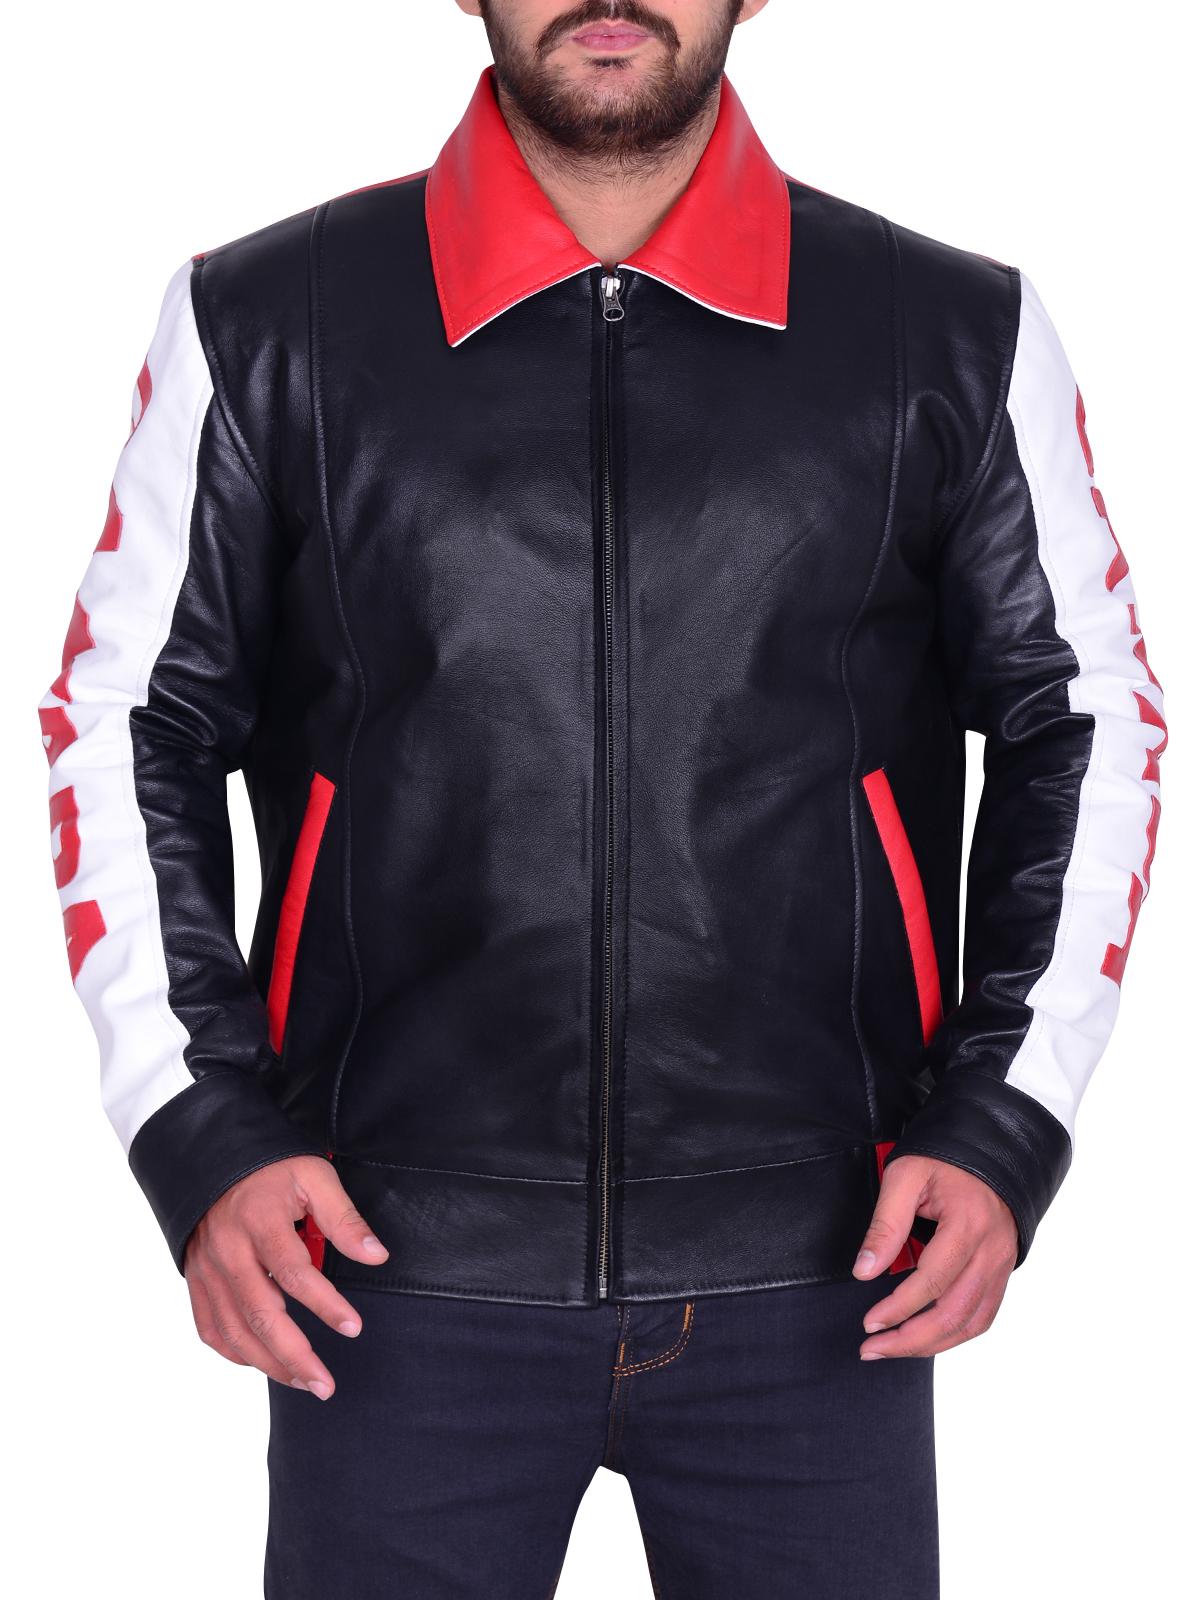 Motorcycle Canadian Flag Bomber Leather Jacket - Instylejackets